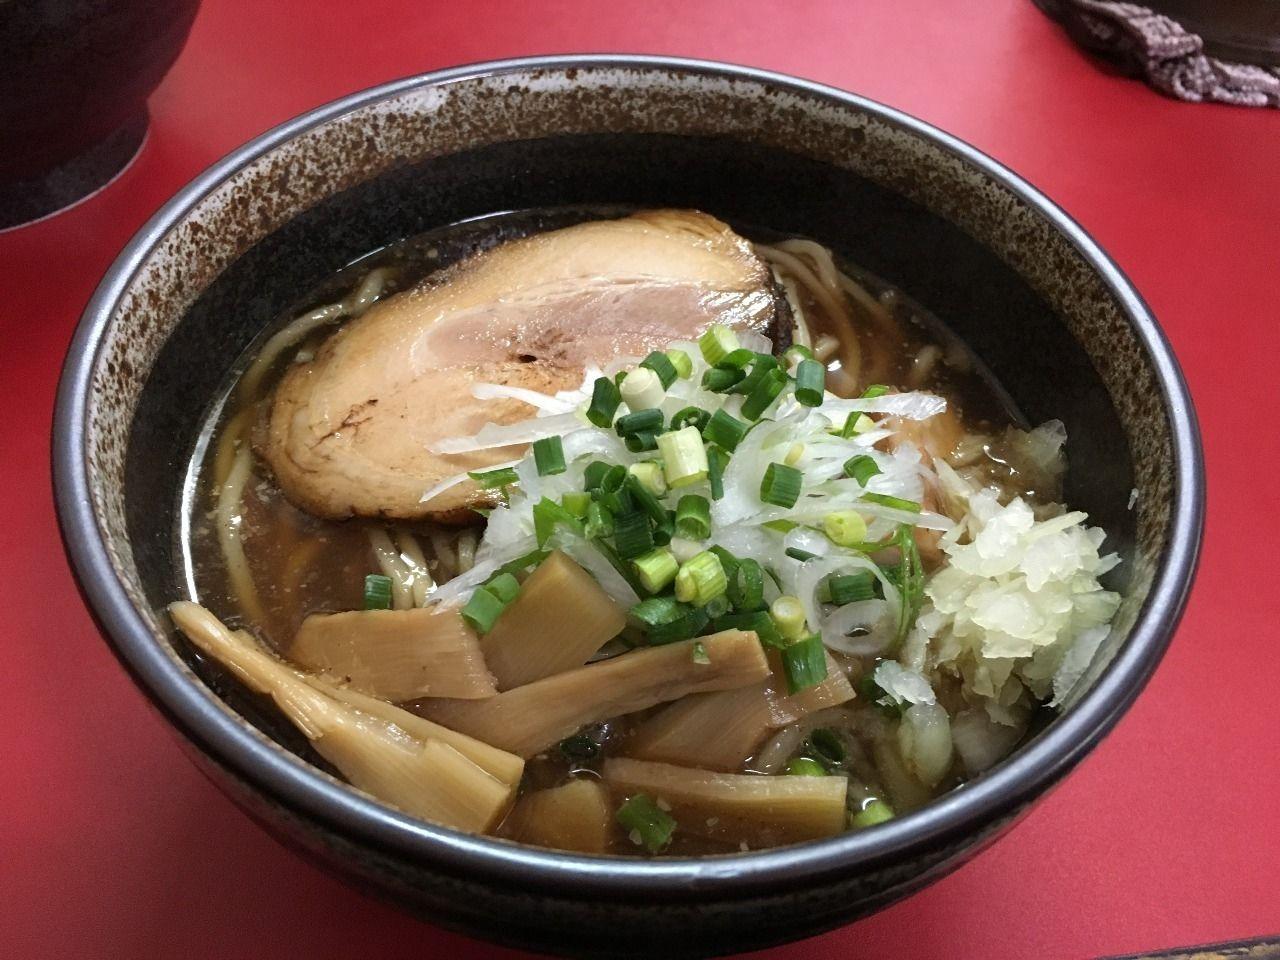 自家製麺 義匠 森田製麺所さんの昆布出汁魚介麺です!